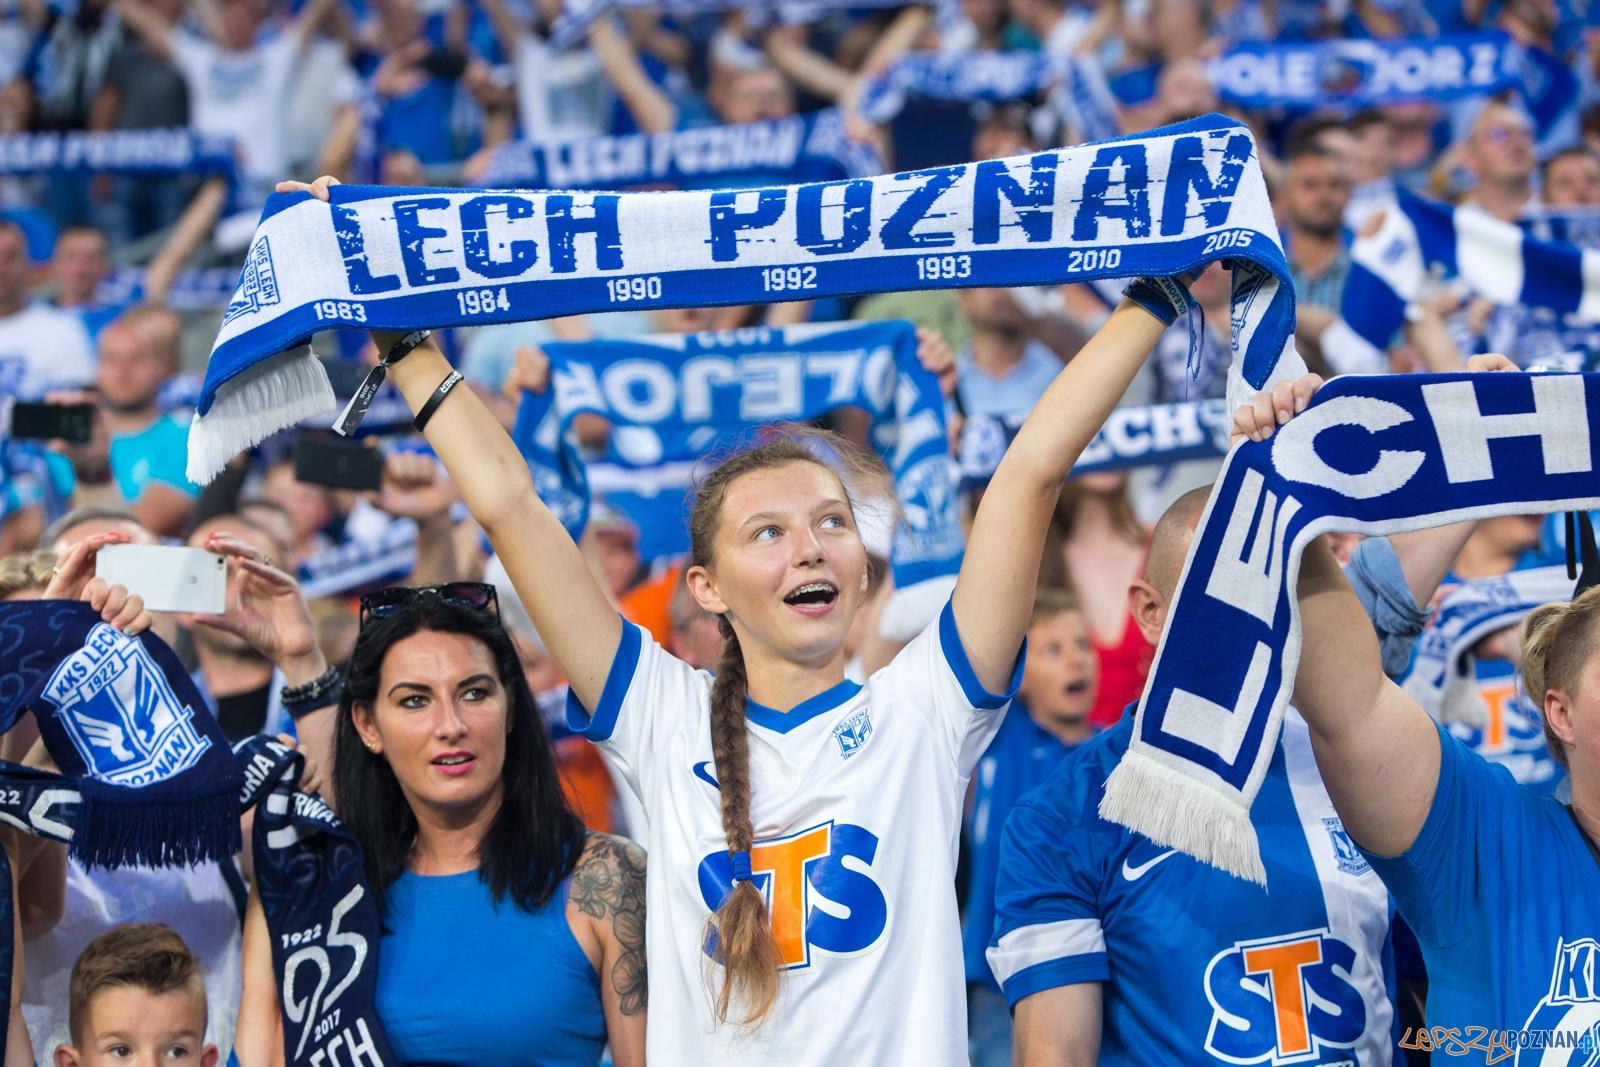 Eliminacje do Ligi Europy: Lech Poznań - FC Ultrecht  Foto: lepszyPOZNAN.pl/Piotr Rychter